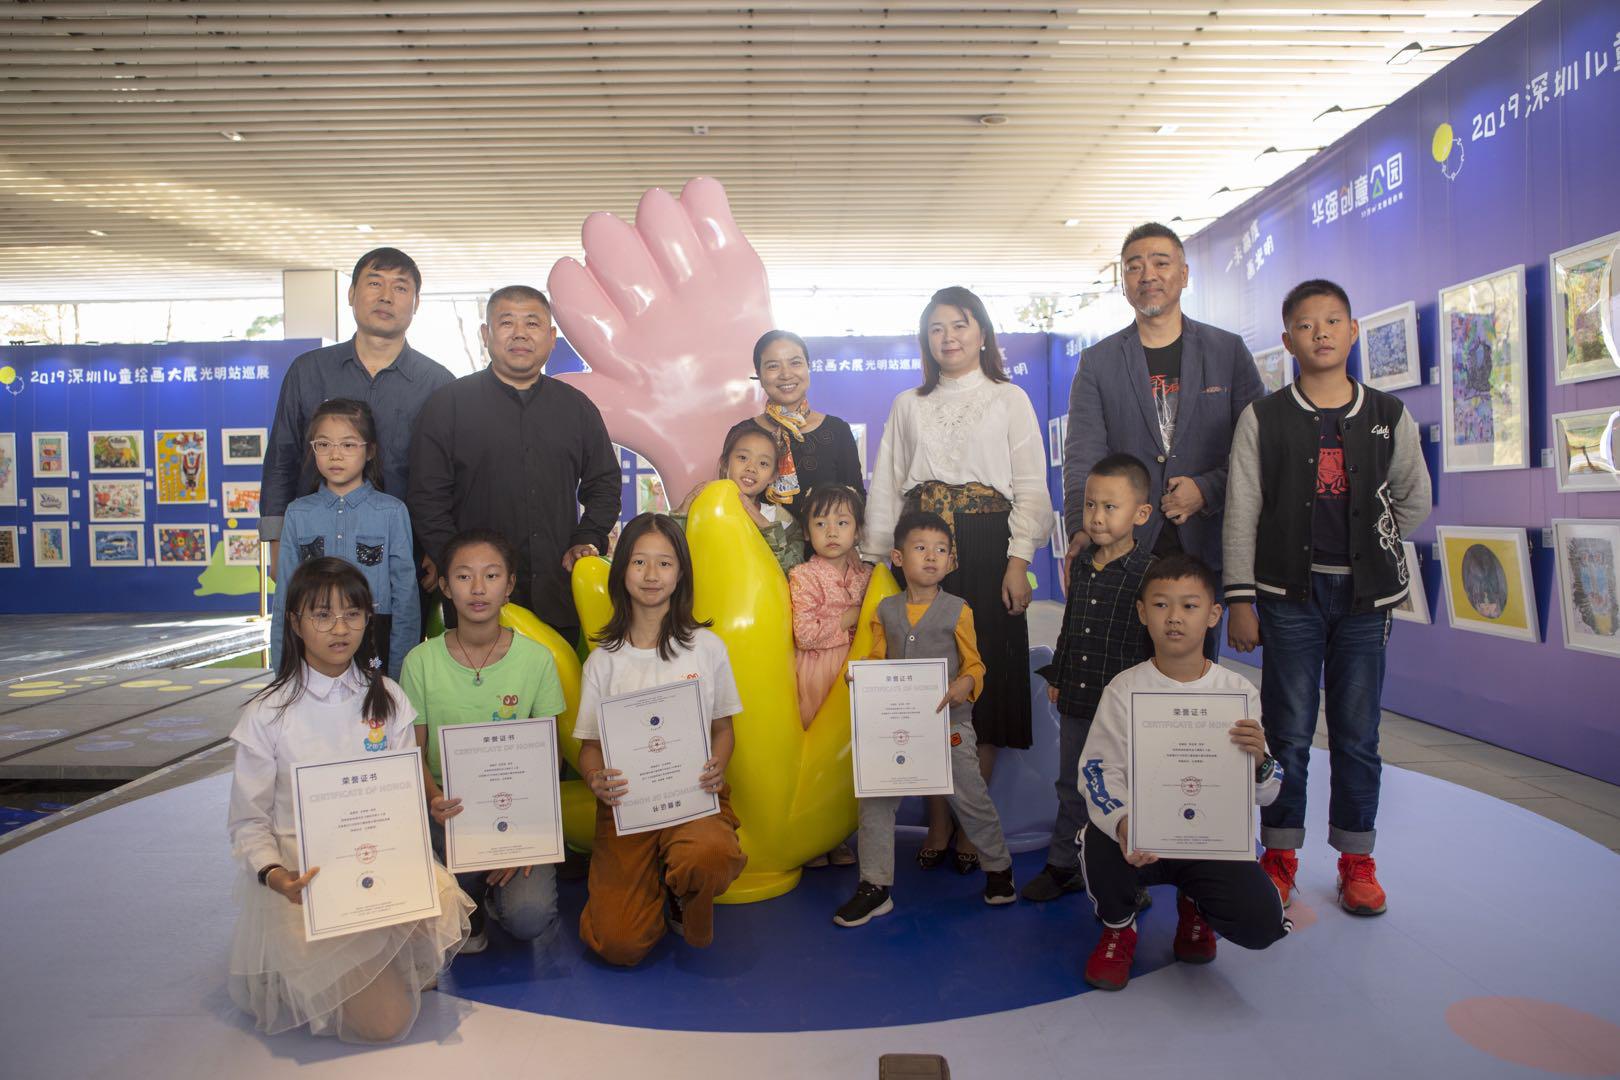 2019深圳儿童绘画大展光明站巡展昨日开幕